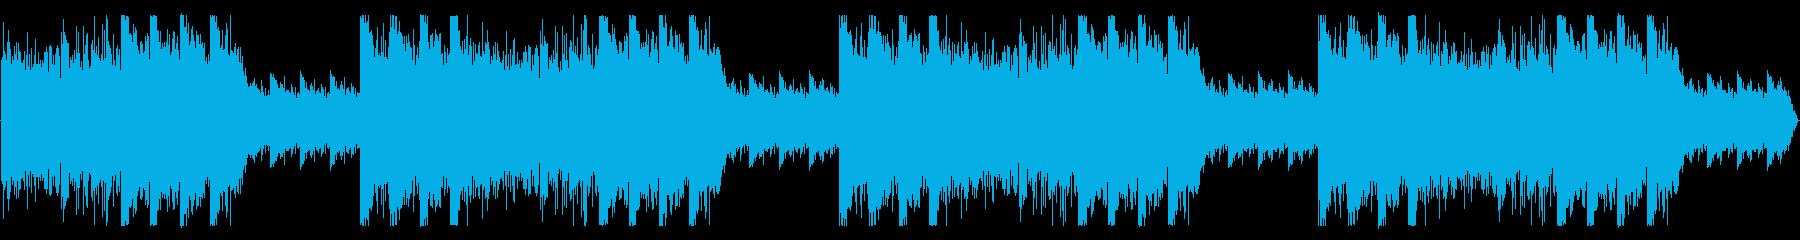 ダーク、怪しい雰囲気のBGMの再生済みの波形